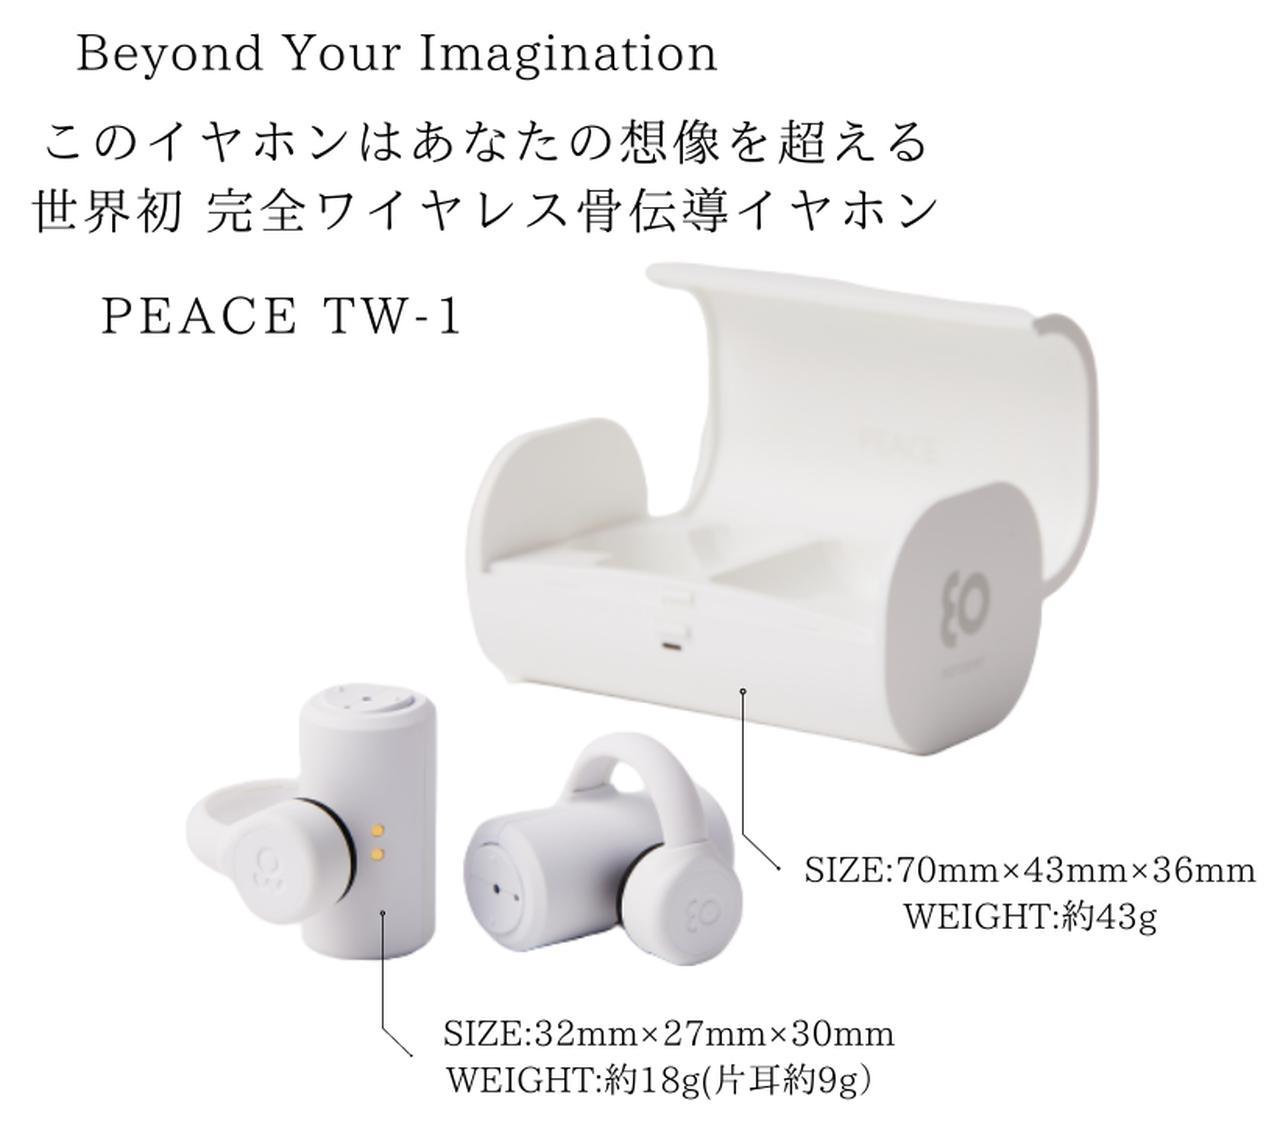 画像: TECHNOLOGY(テクノロジー) | earsopen - 耳をふさがずに音を楽しむ骨伝導式イヤホン | boco - すべての「人」と「音」がもっと良い関係に | 骨伝導デバイスメーカー